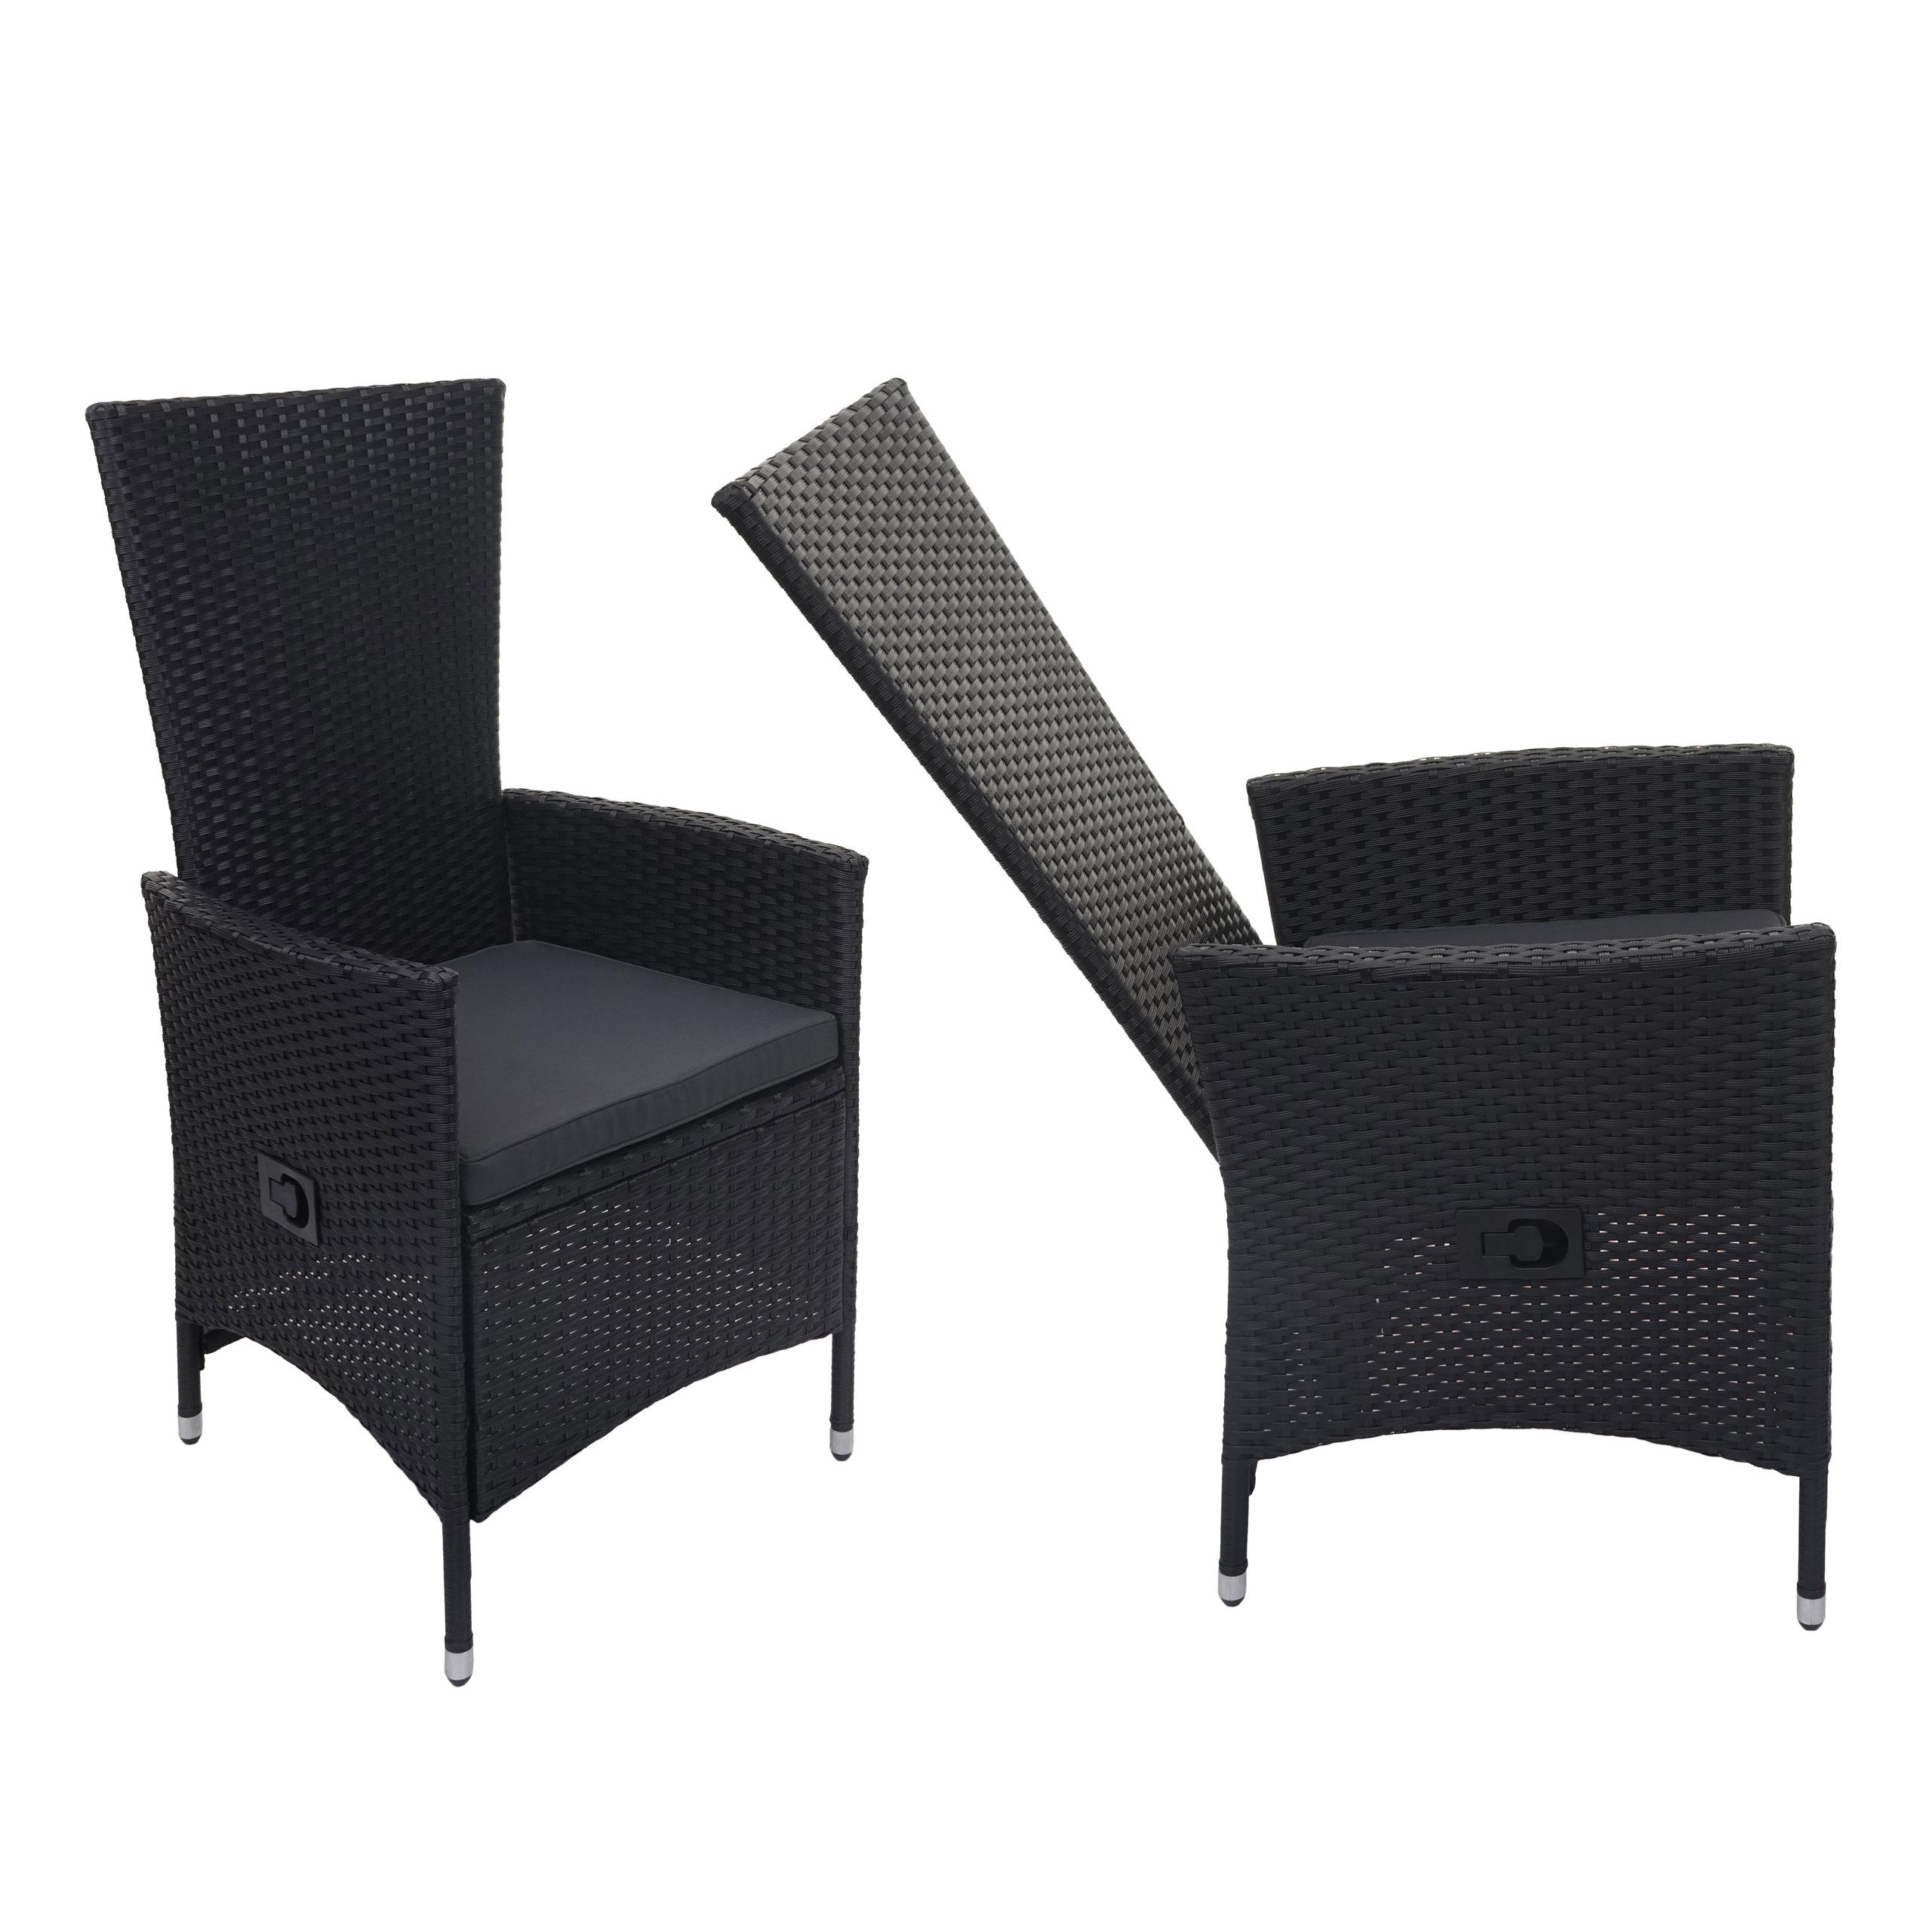 Mendler 2x Poly-Rattan Sessel HWC-F49, Rattanstuhl Balkonstuhl Gartenstuhl, verstellbare Lehne ~ Variantenan 69743